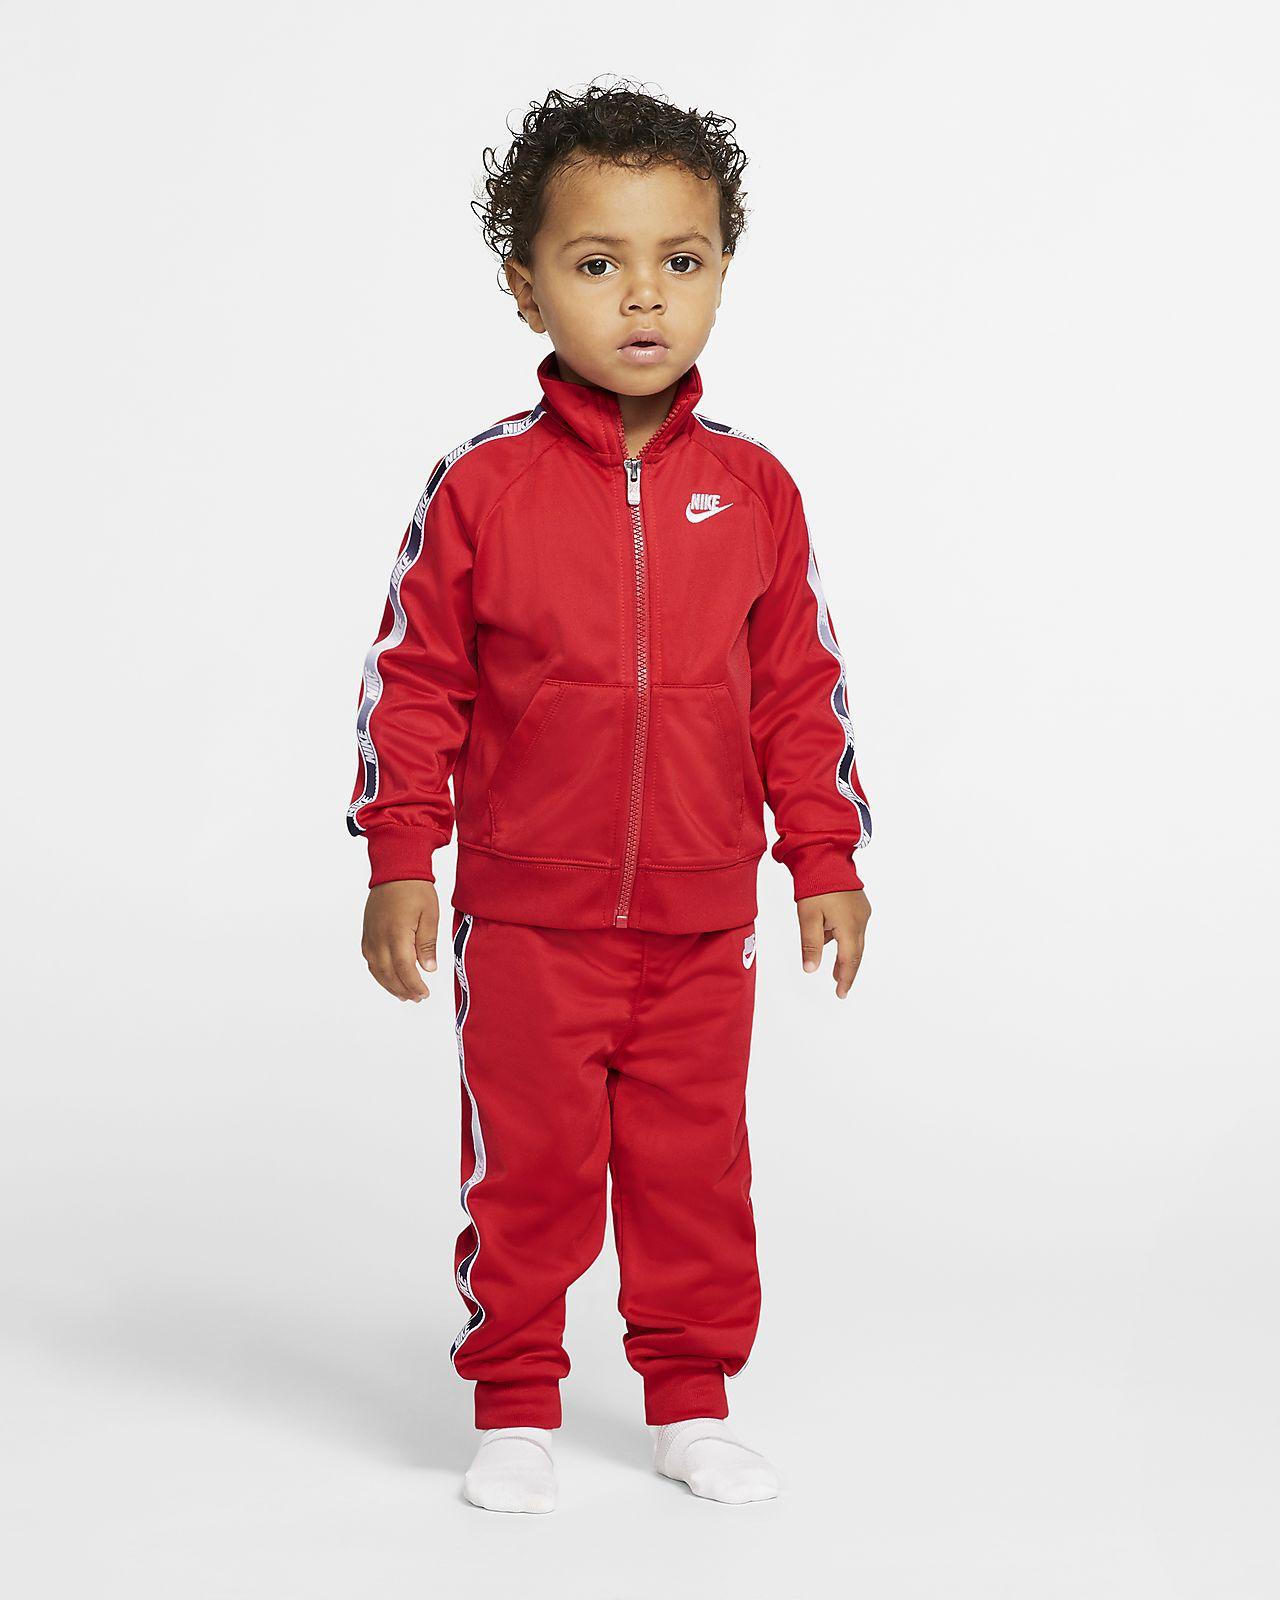 Survêtement Nike Sportswear pour Bébé (12-24 mois)